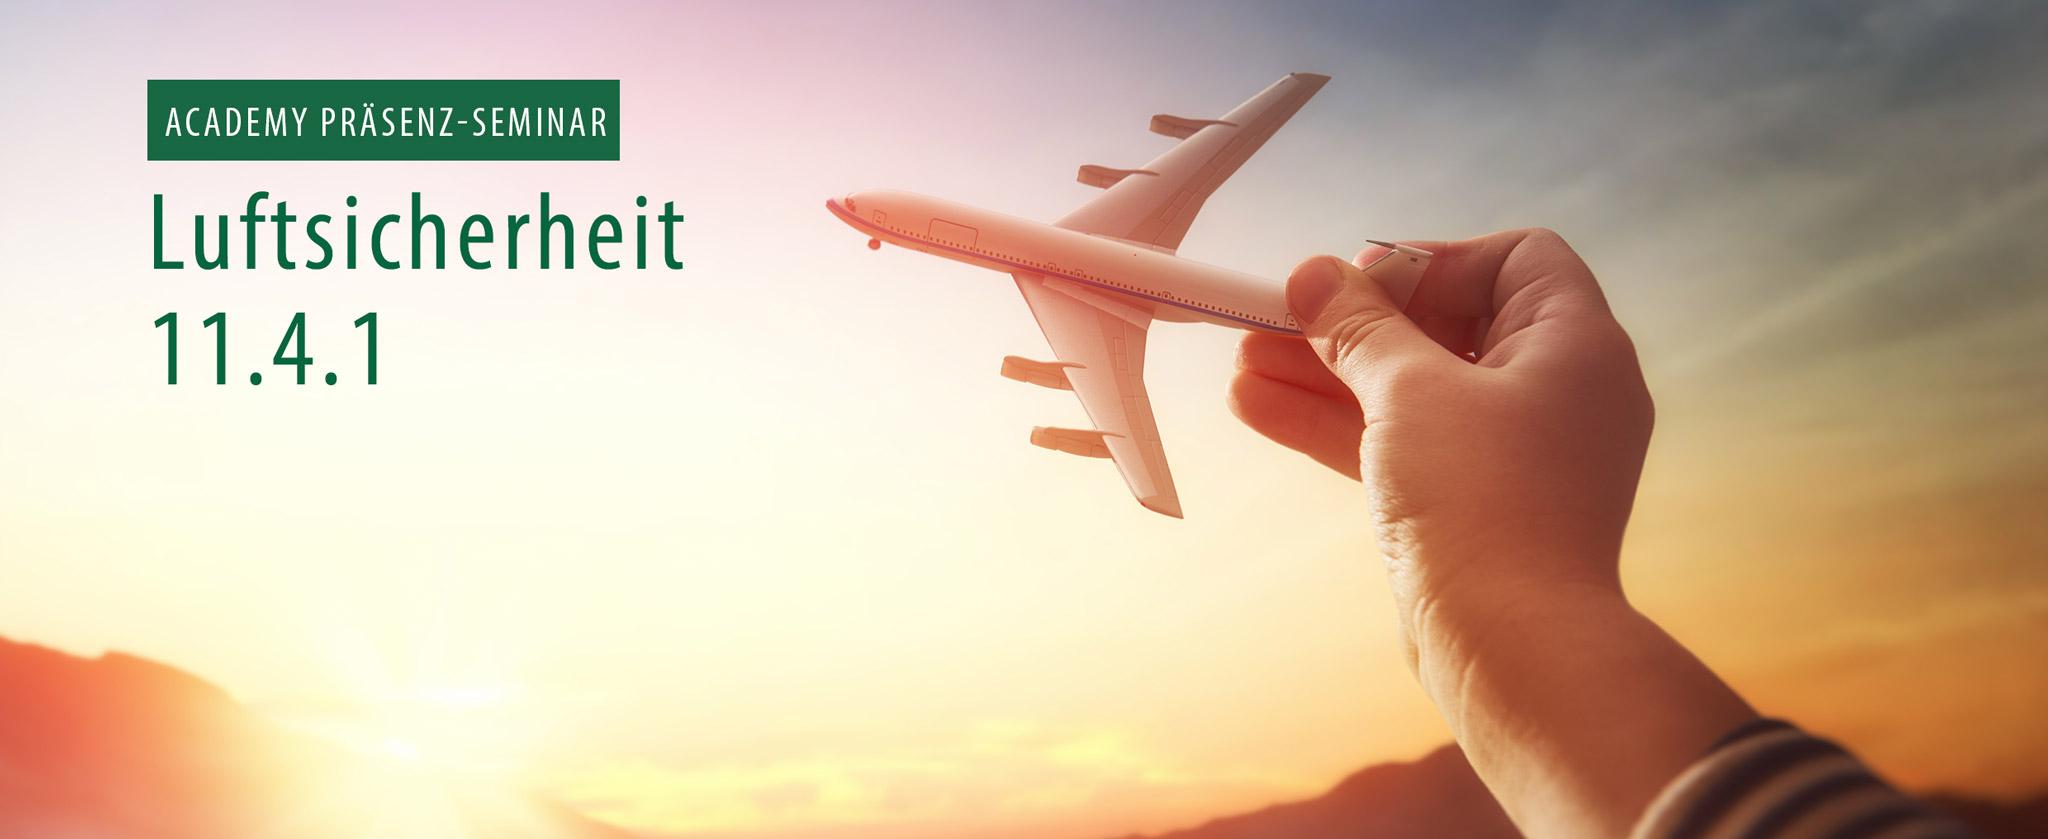 """Kinderhand hält Spielzeug-Flugzeug. Text """"Präsenzseminar Luftsicherheit 11.4.1"""""""